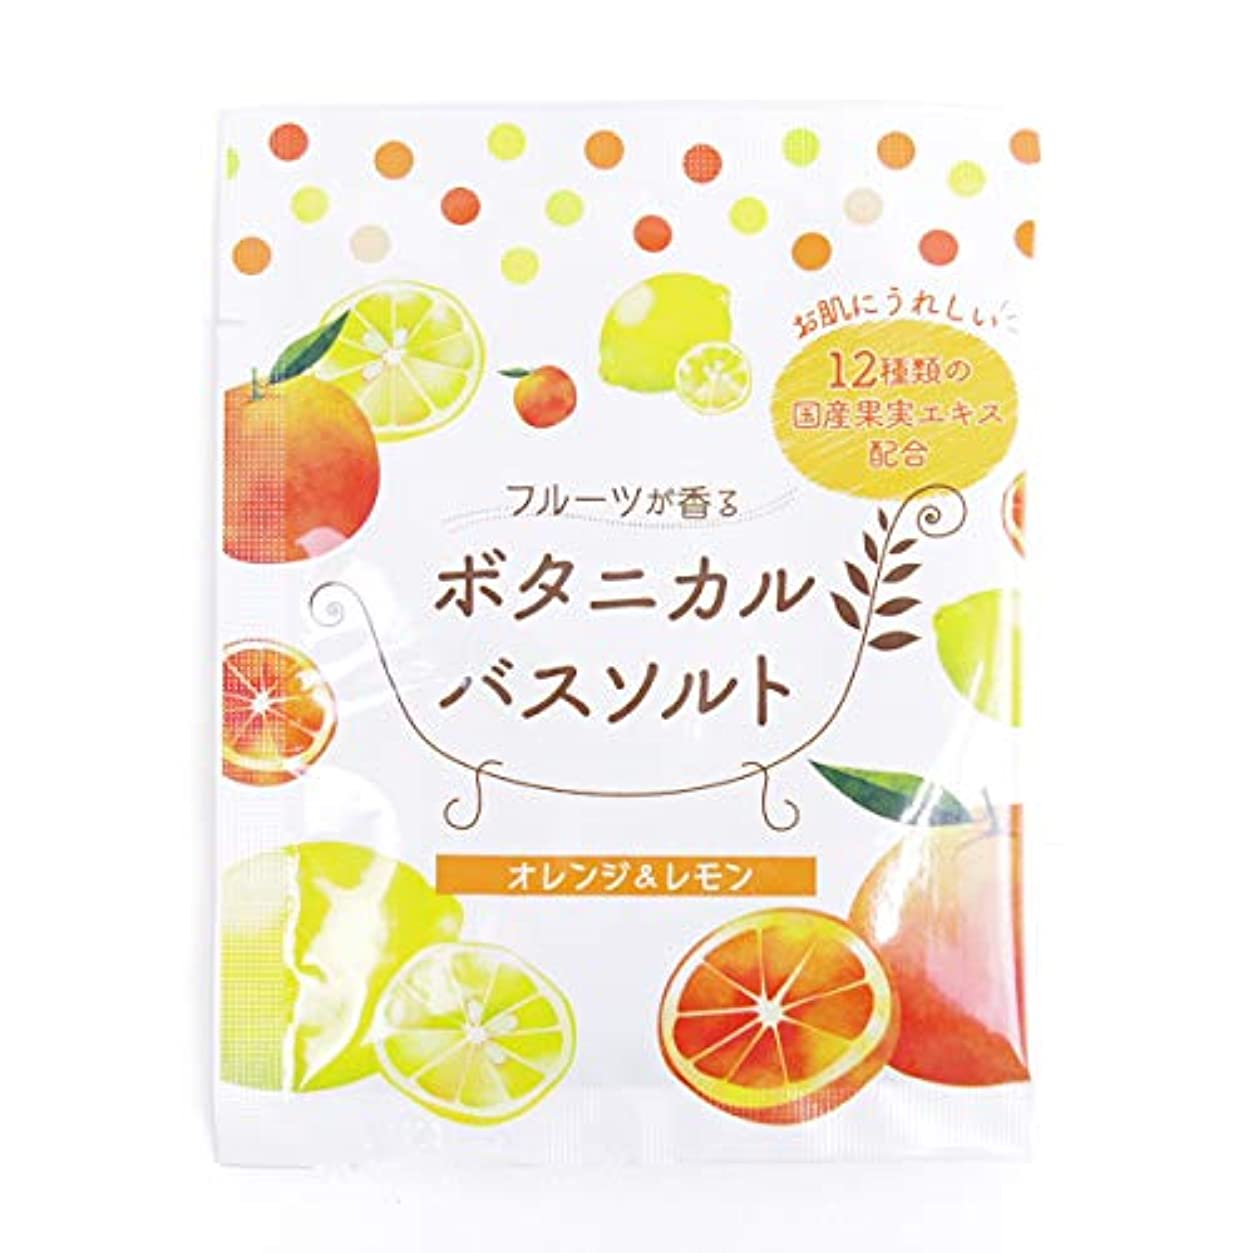 肘にんじんデコラティブ松田医薬品 フルーツが香るボタニカルバスソルト オレンジ&レモン 30g